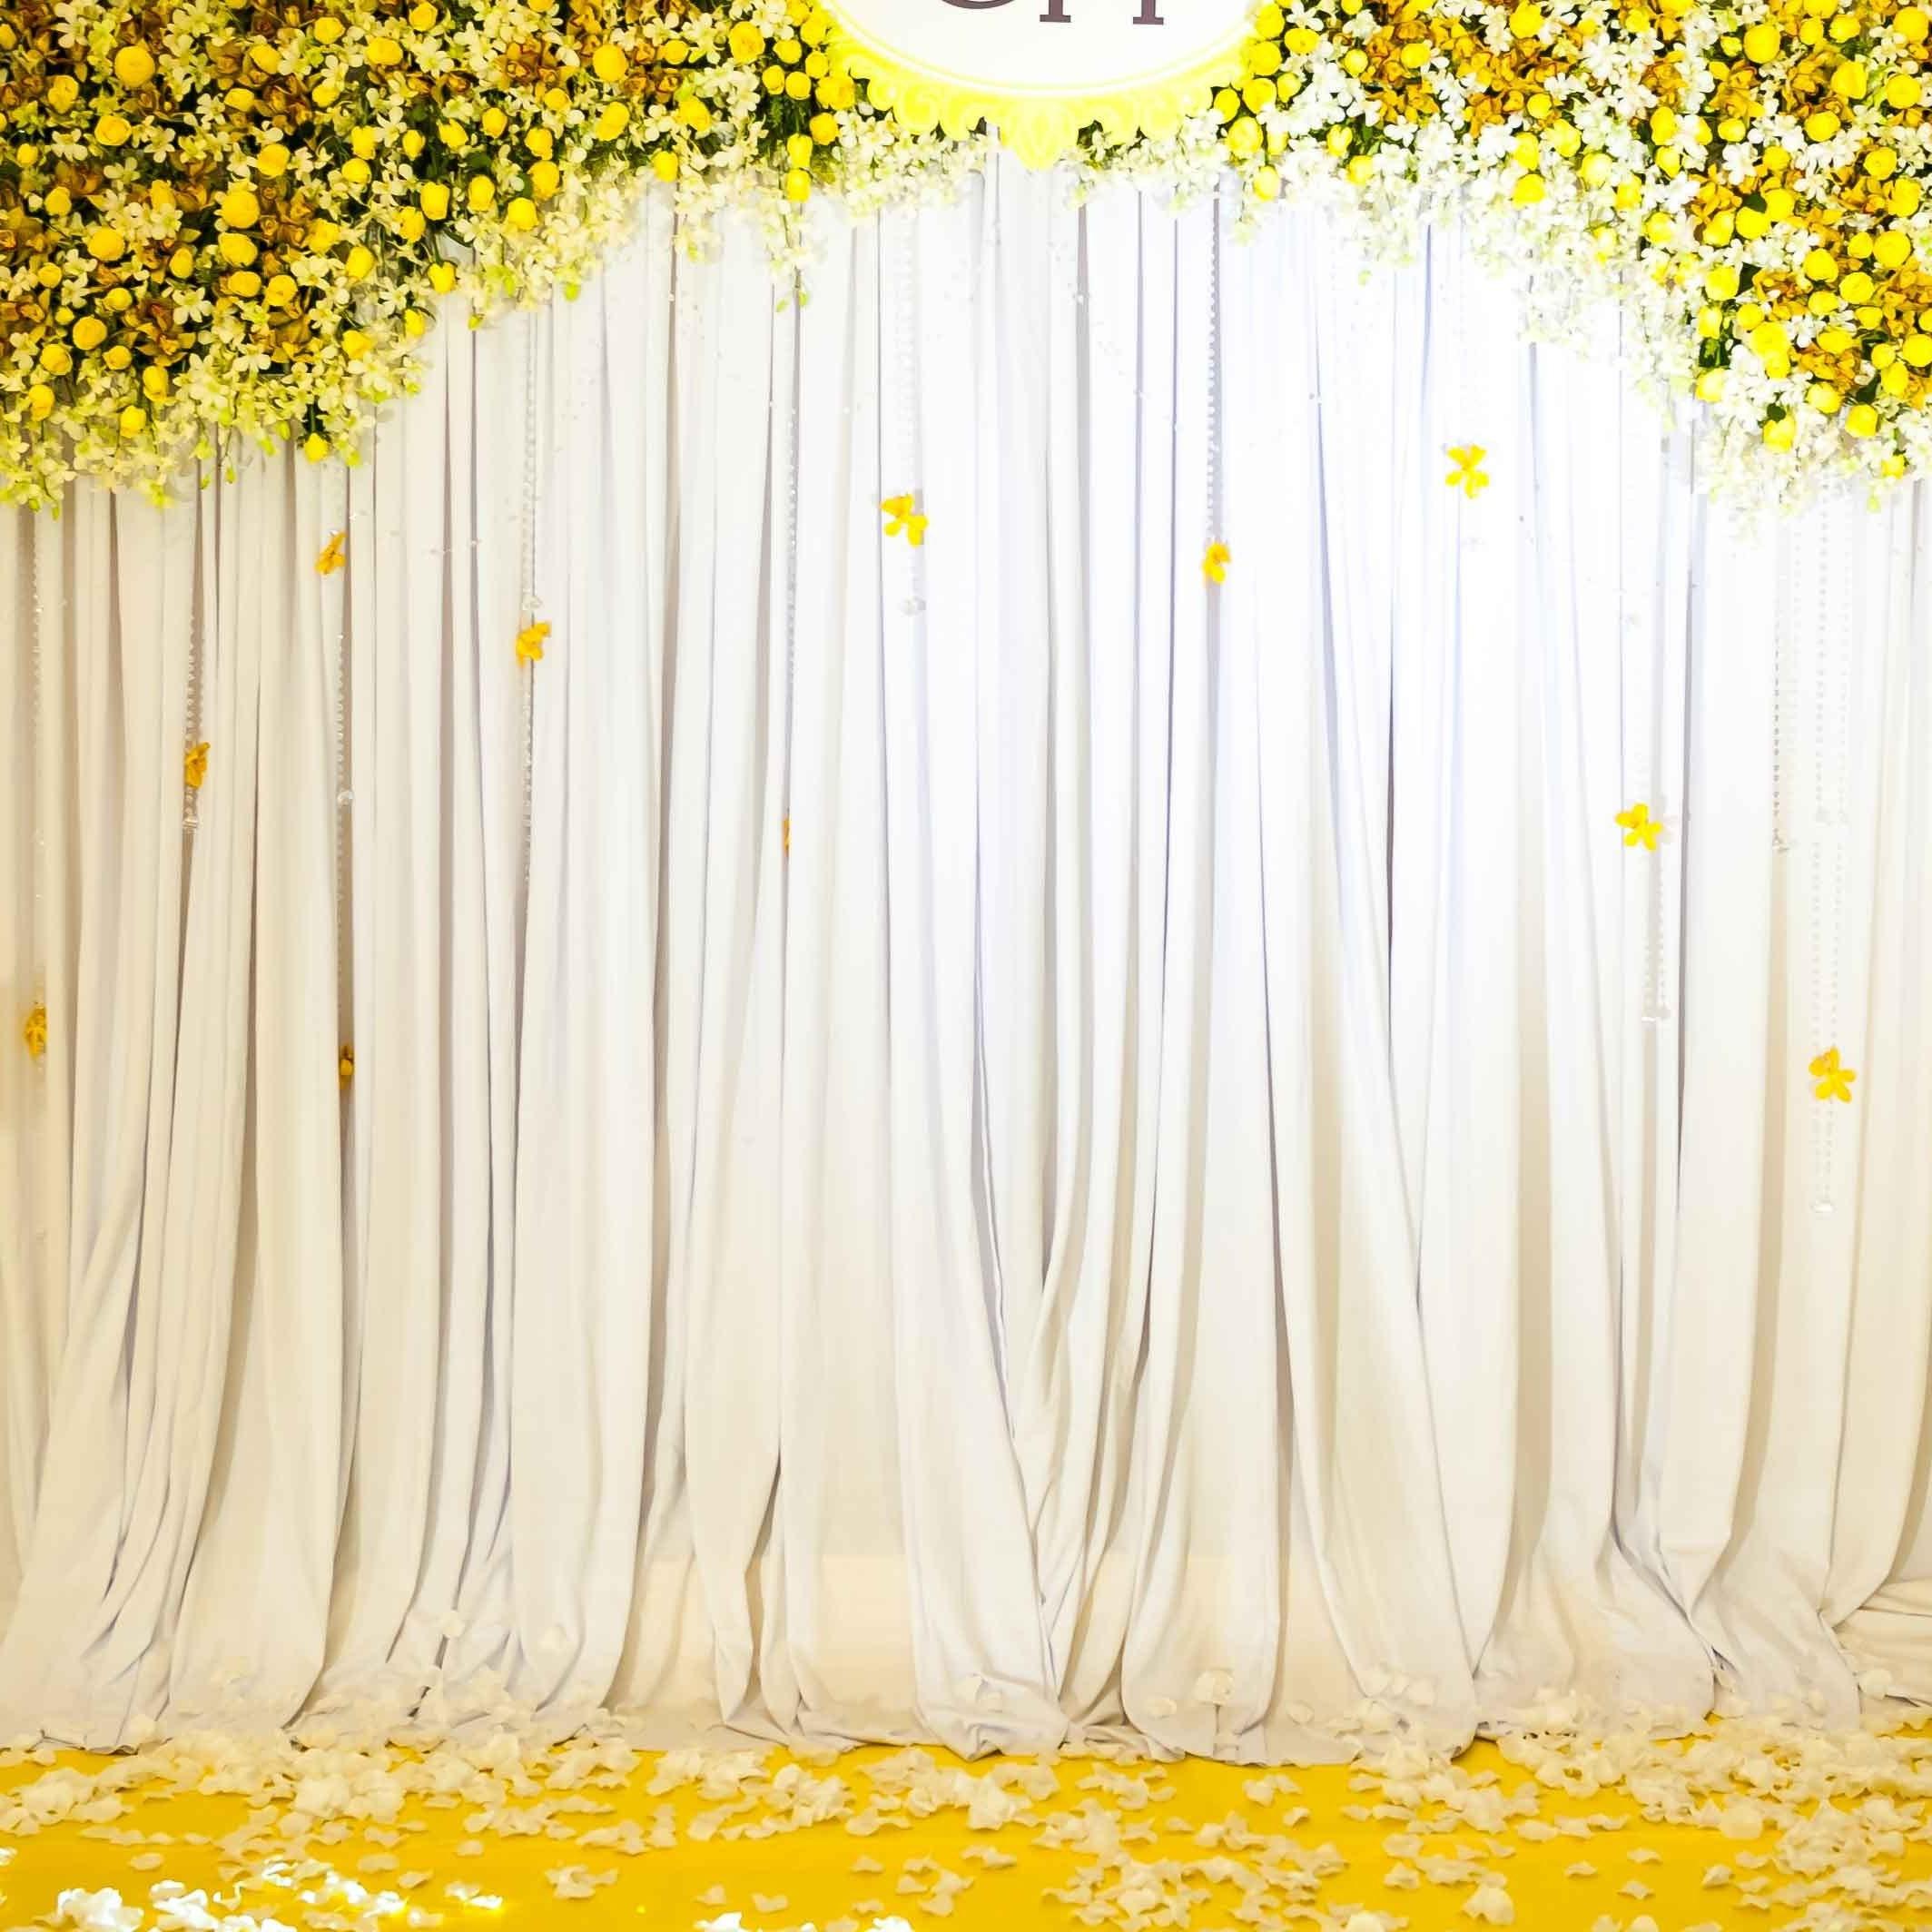 Phông cưới đẹp chất liệu in bạt, lụa trắng kết hợp hoa giấy